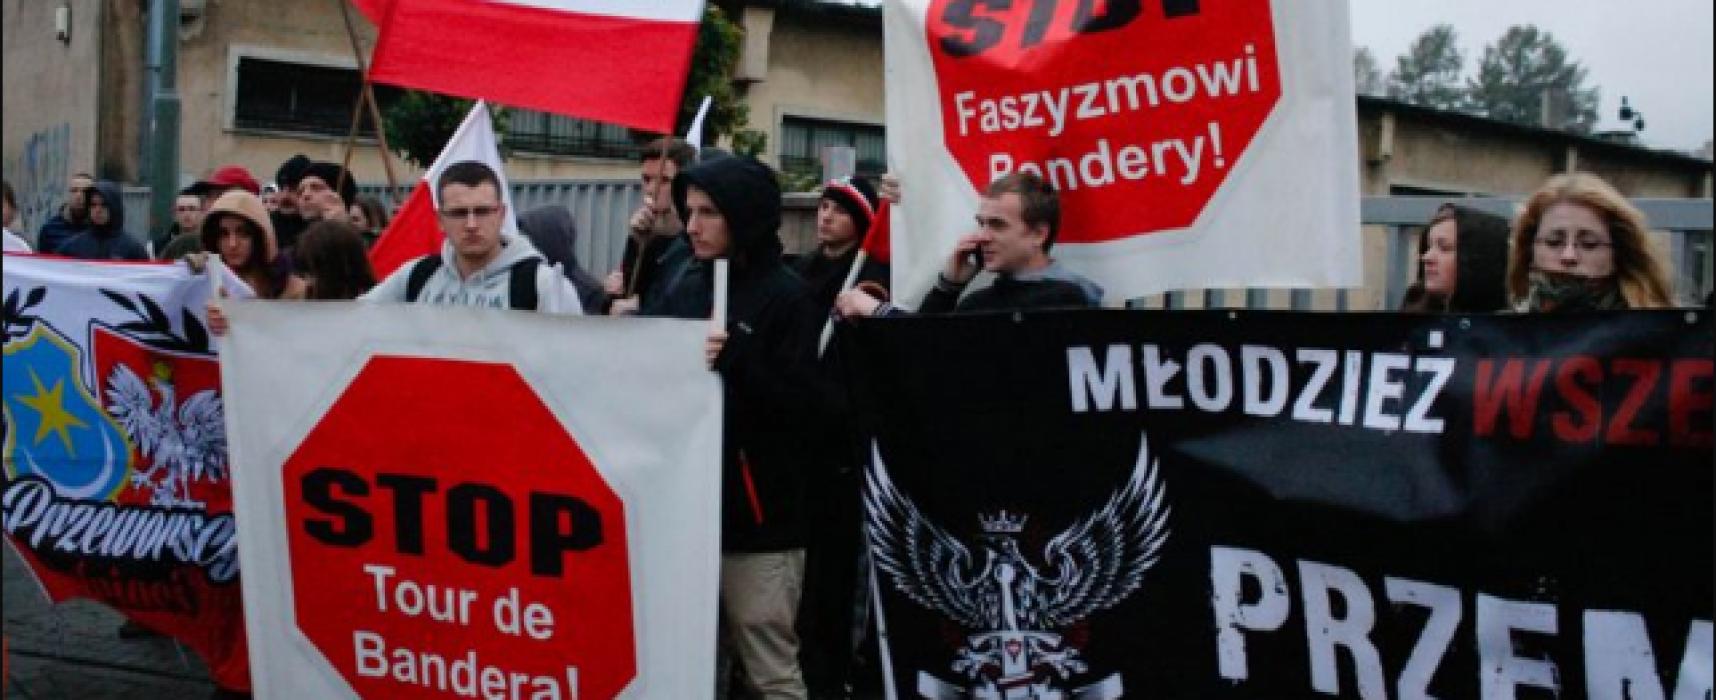 Hinter antiukrainischen Aktionen in Polen steht Kreml. Analyse einer Korrespondenz